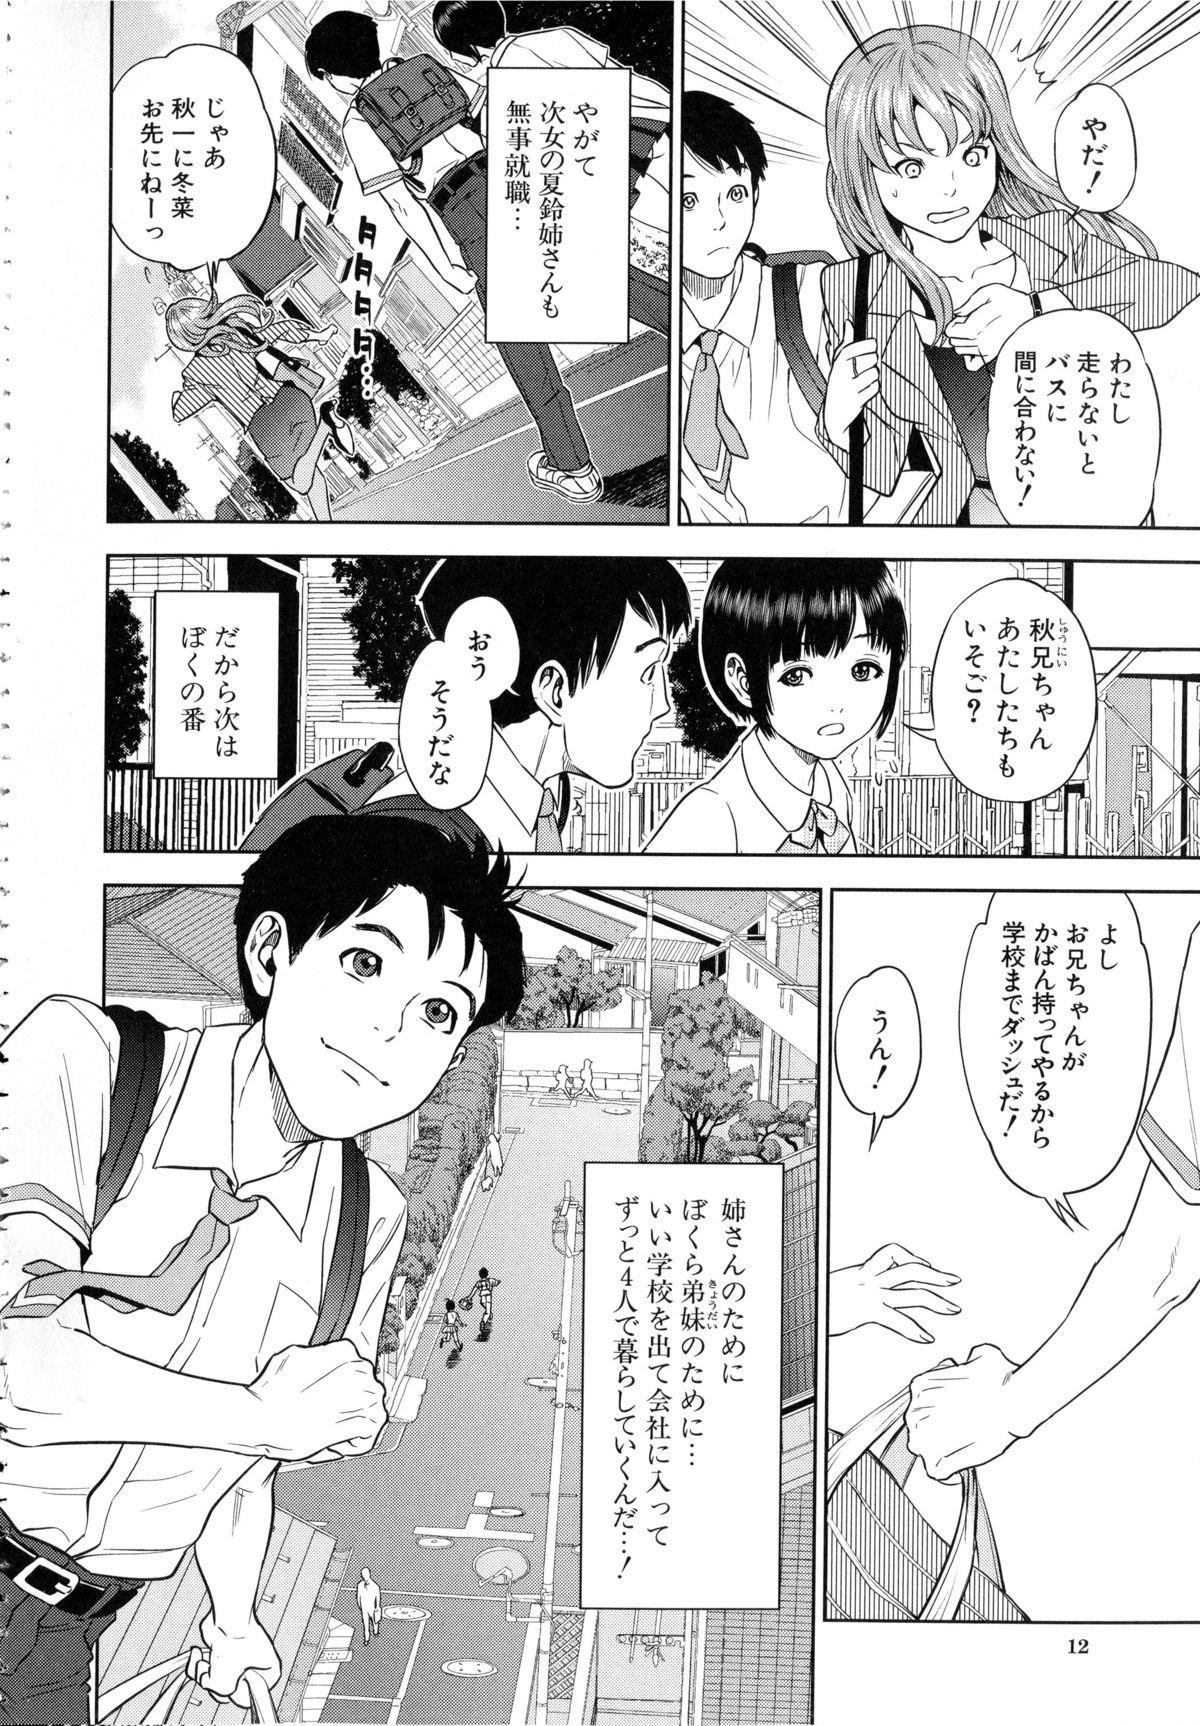 Boku-tachi no Kinki 14